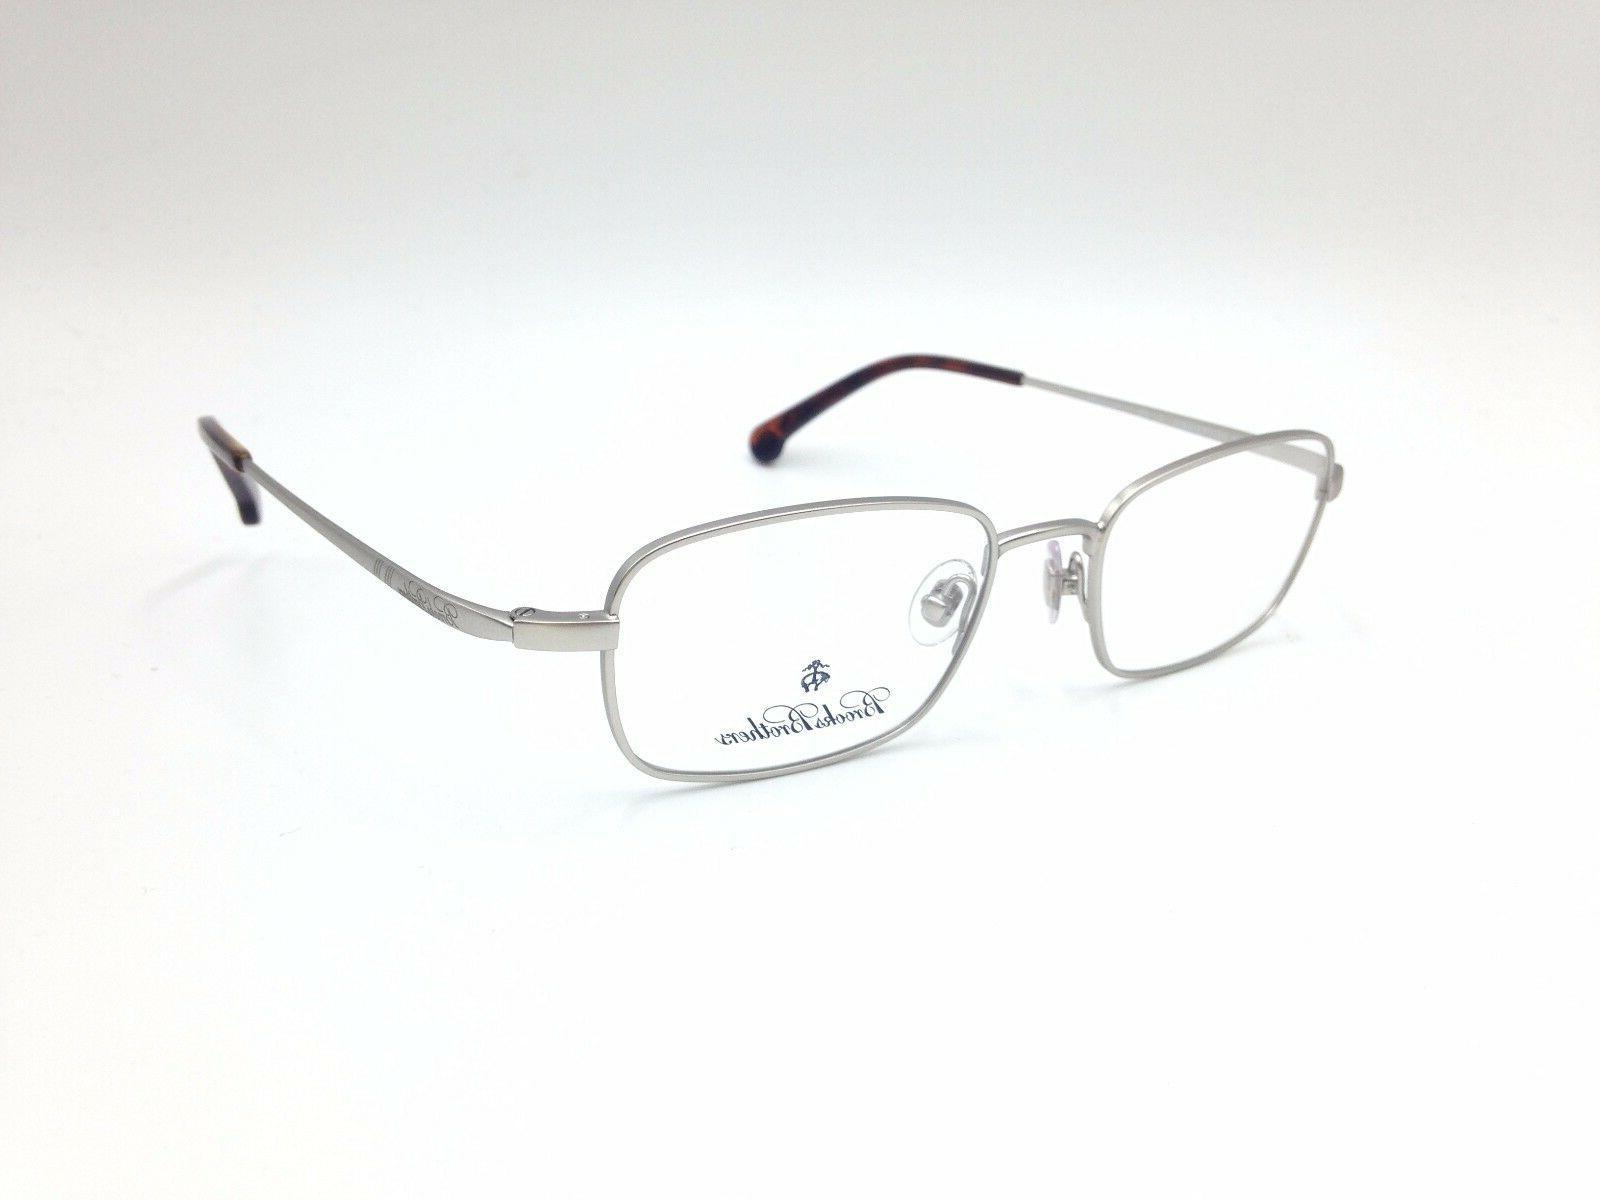 325 eyeglasses frame glasses optical eye lens